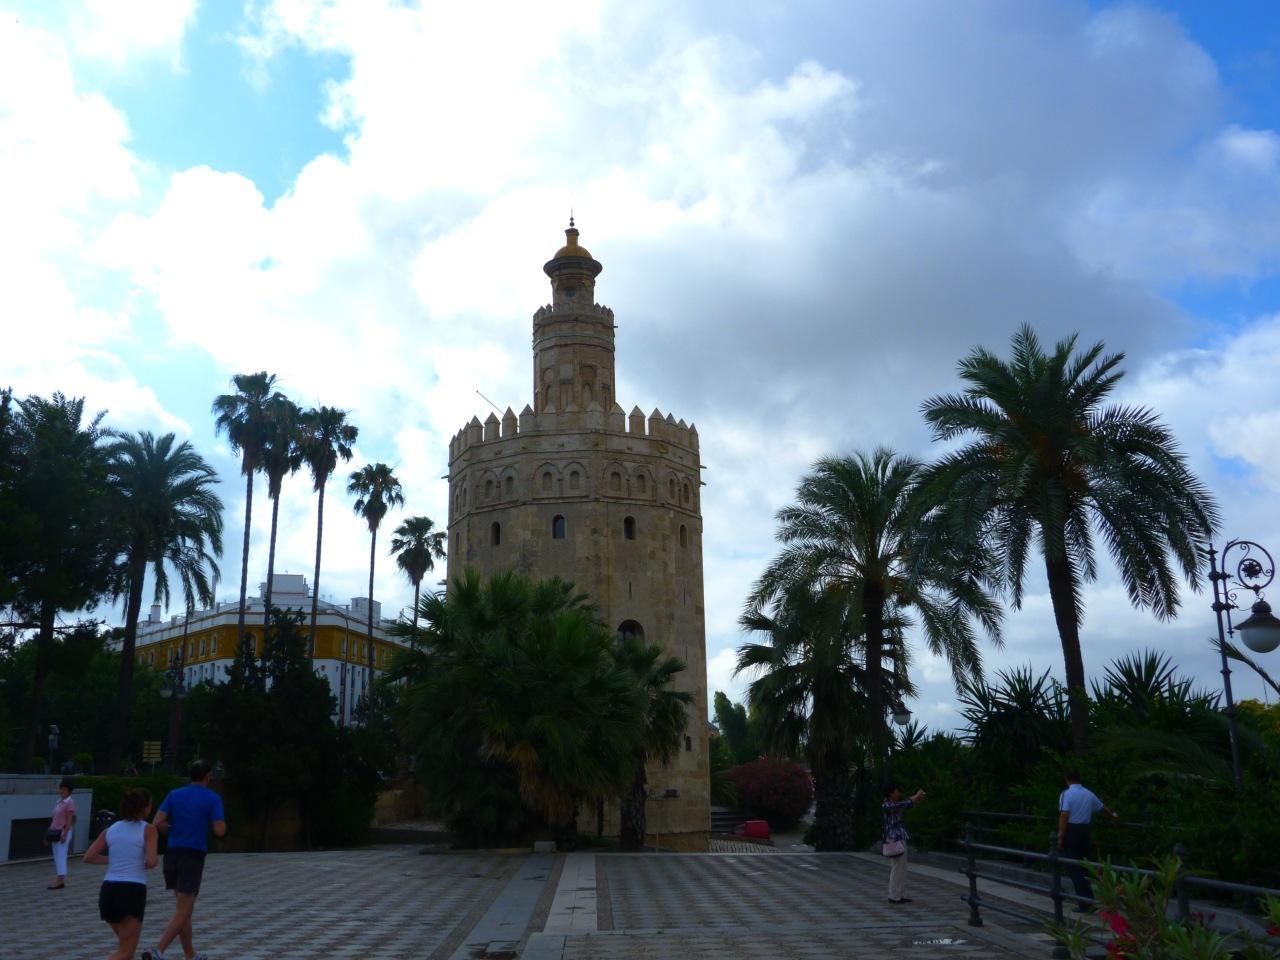 torre-del-oro-seville.jpg